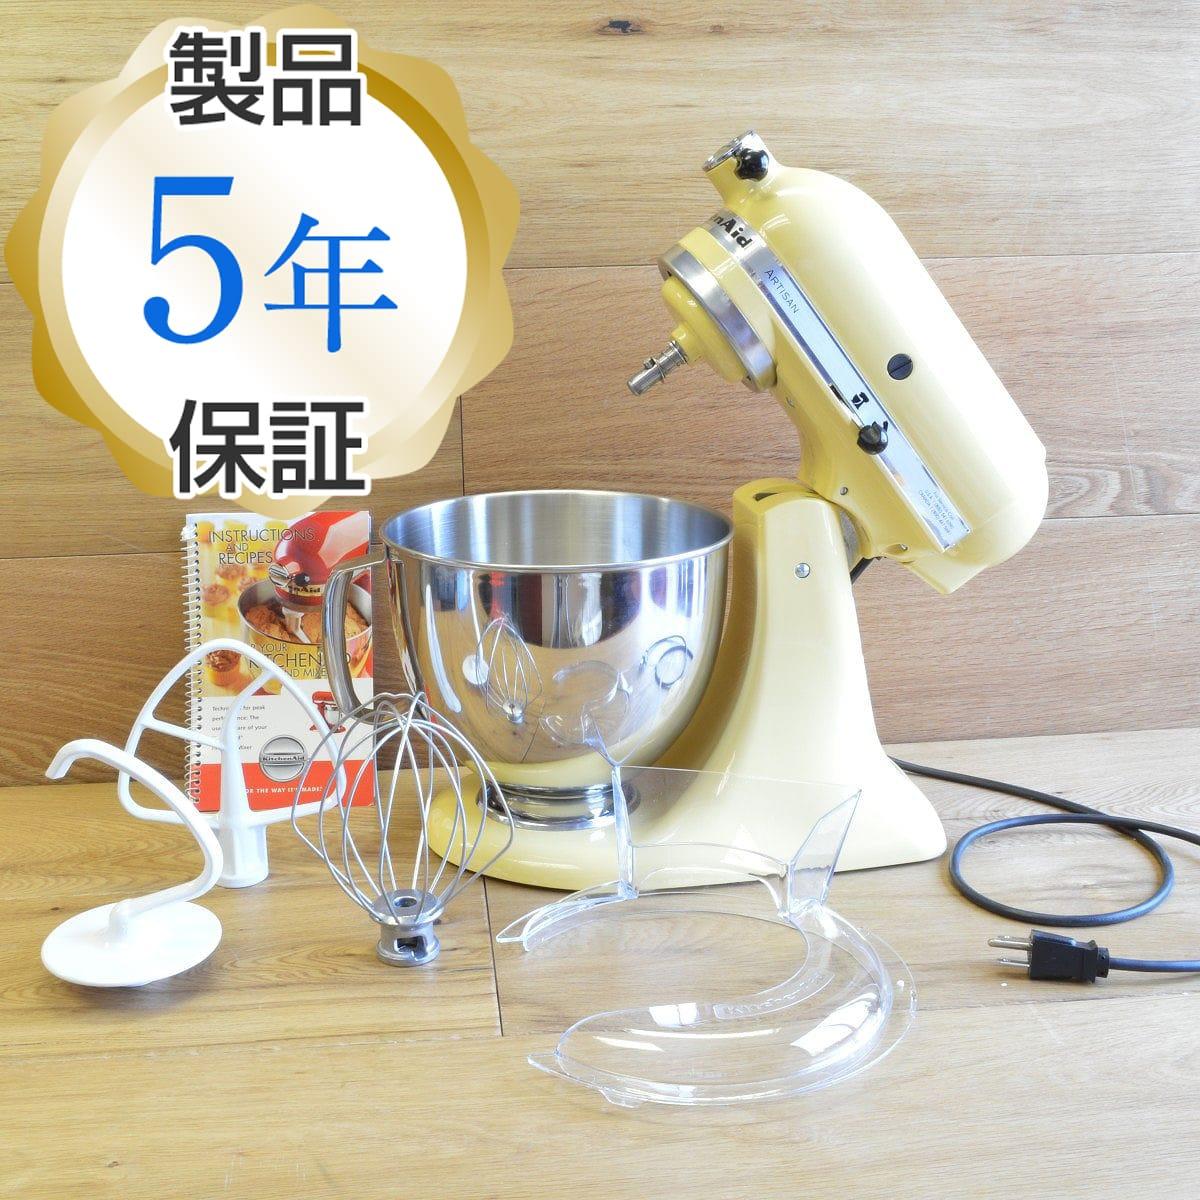 KitchenAid Stand Mixer Artie Ocean Series 5 L Majestic Yellow KitchenAid  Artisan 5 Quart Stand Mixers KSM150PSMY